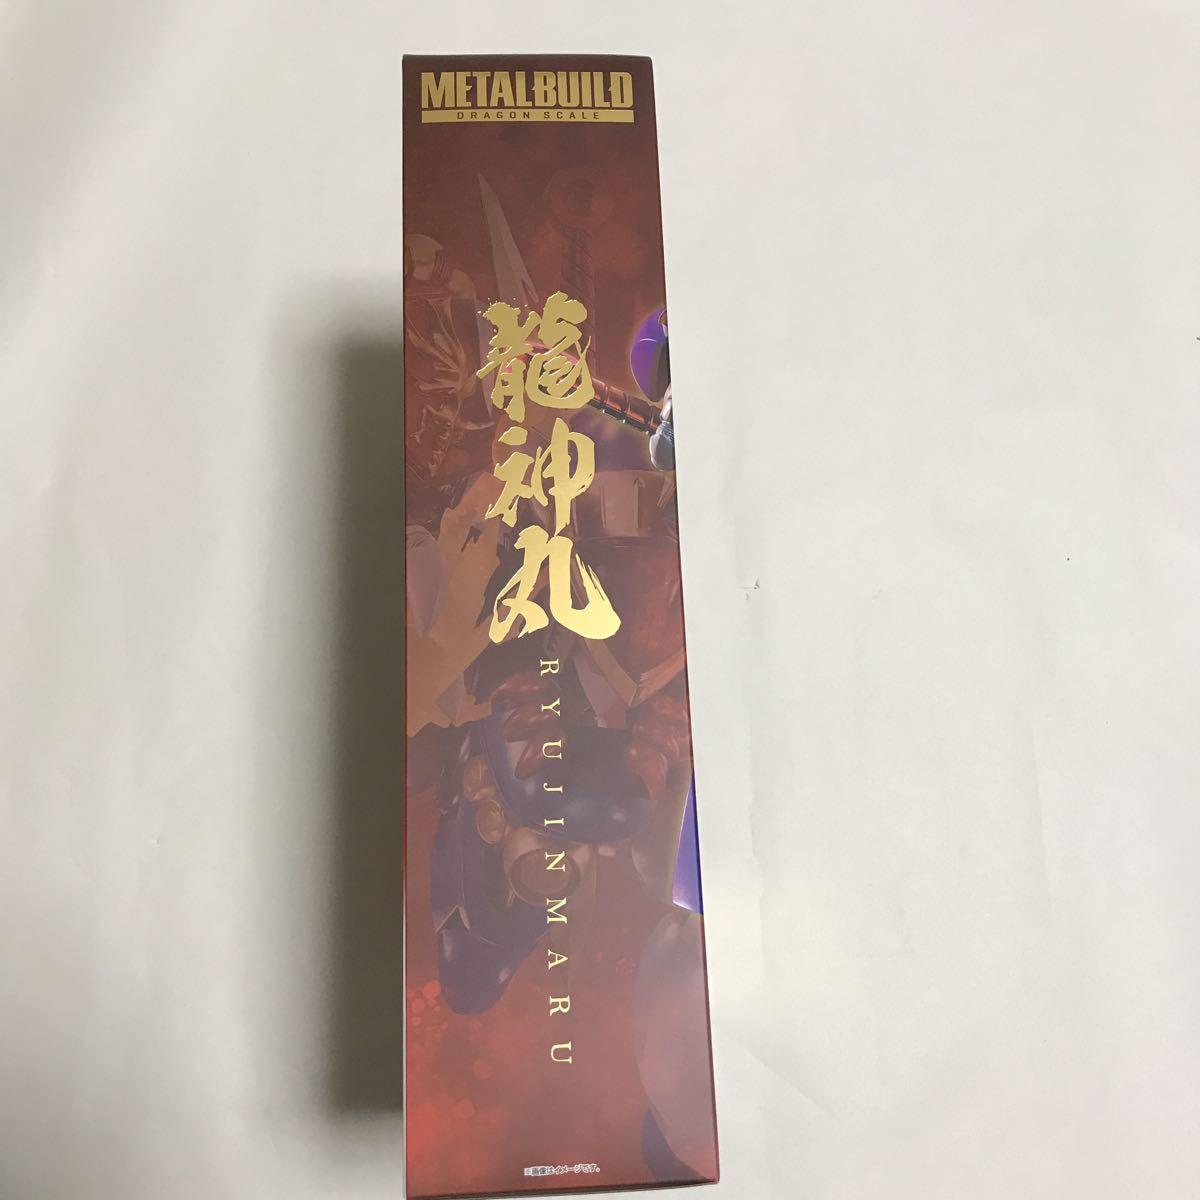 METAL BUILD DRAGON SCALE 龍神丸 (新品・未開封) 送料無料 1円スタート 魔神英雄伝ワタル_画像6